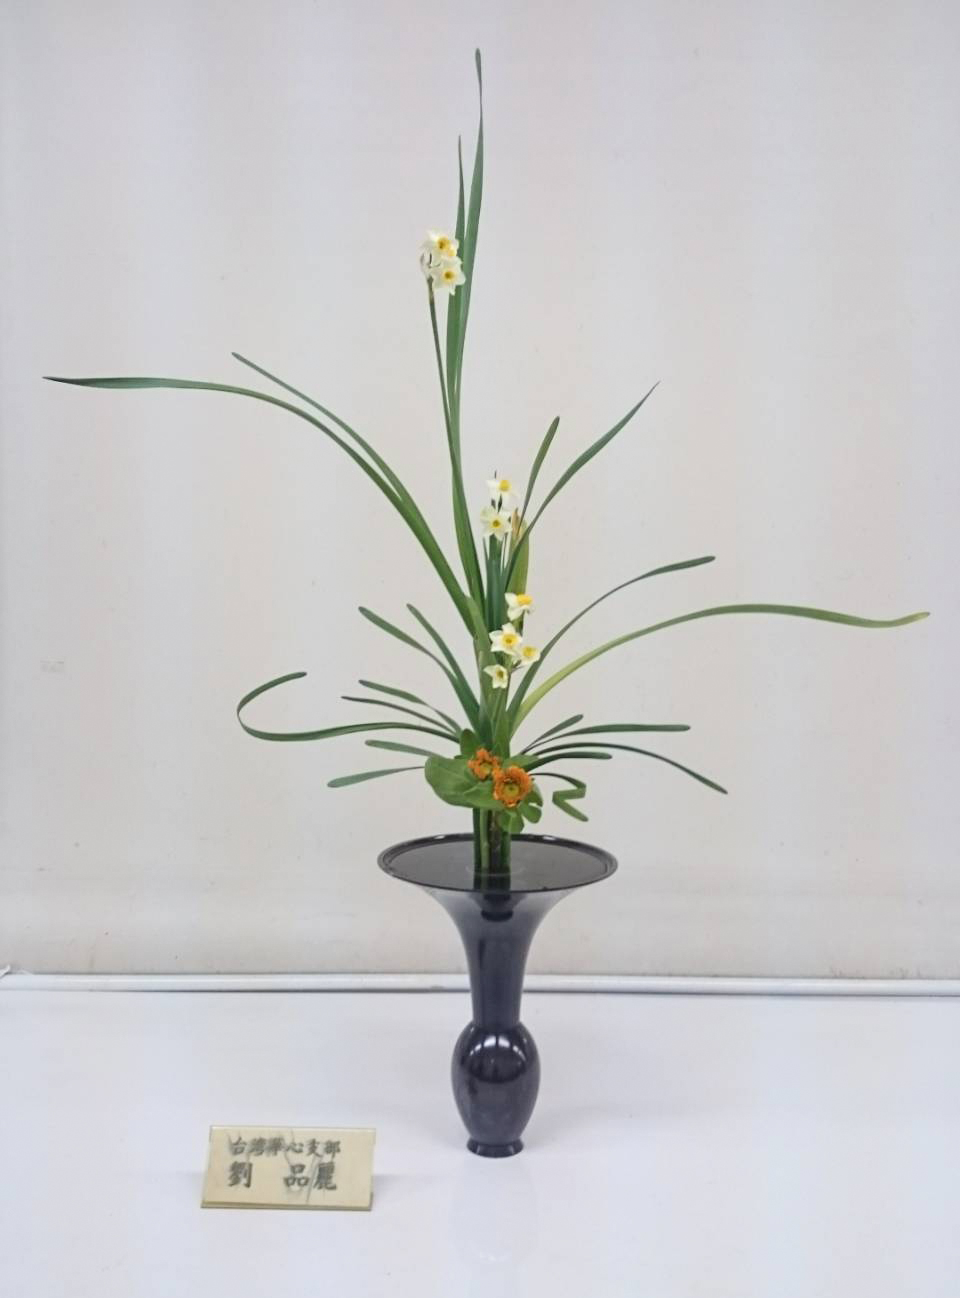 「立花」以傳統美感與結構為基本,呈現花材伸展、新鮮與光艷的姿態。